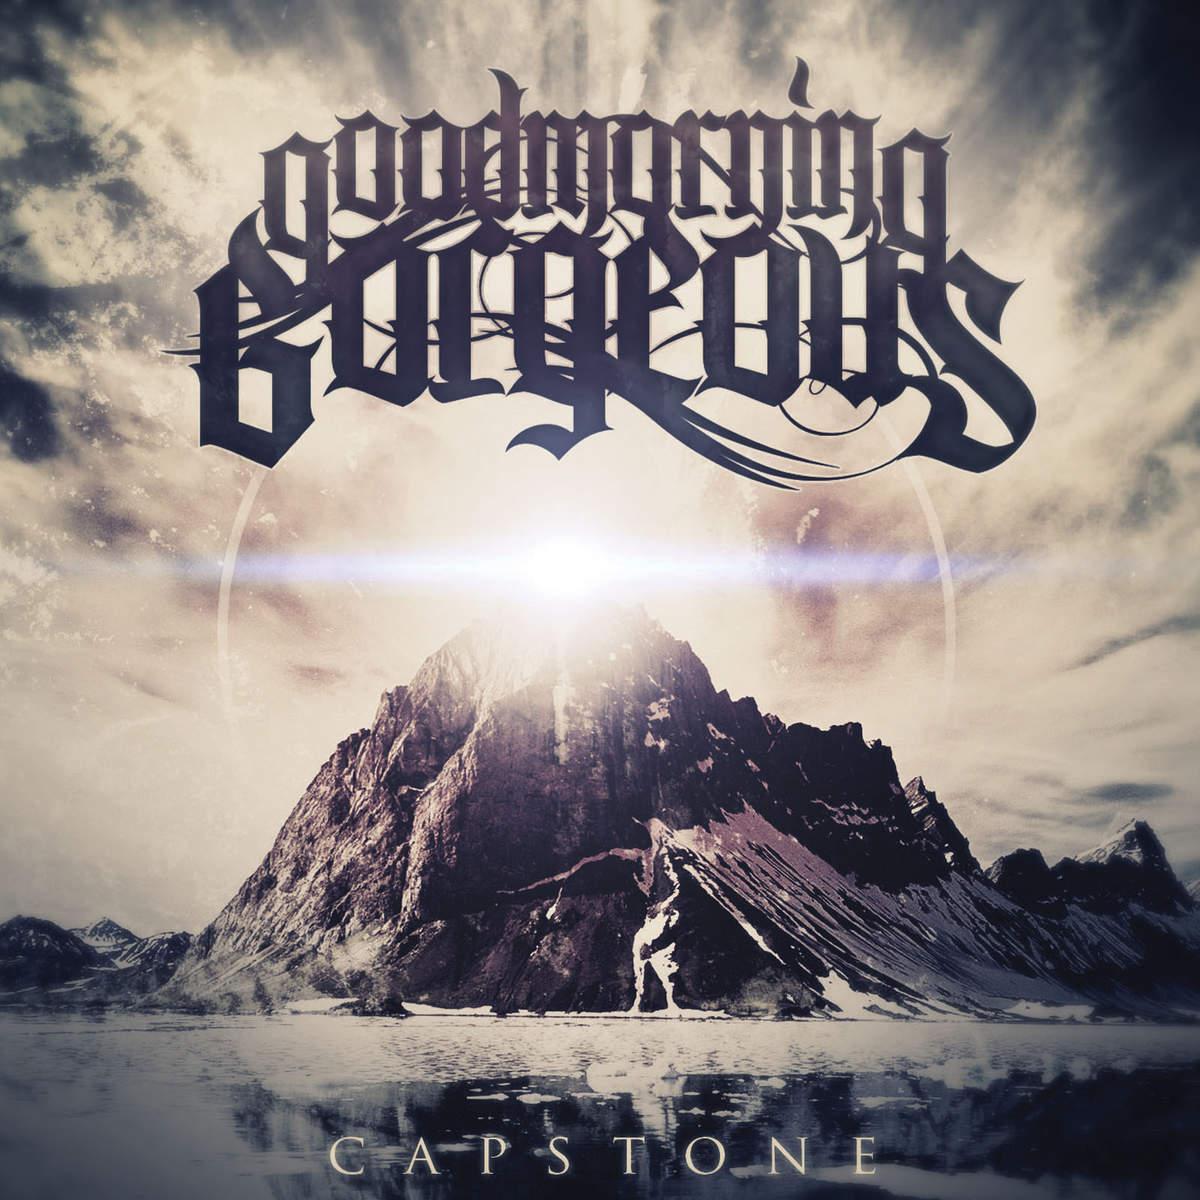 Goodmorning, Gorgeous - Capstone [EP] (2013)